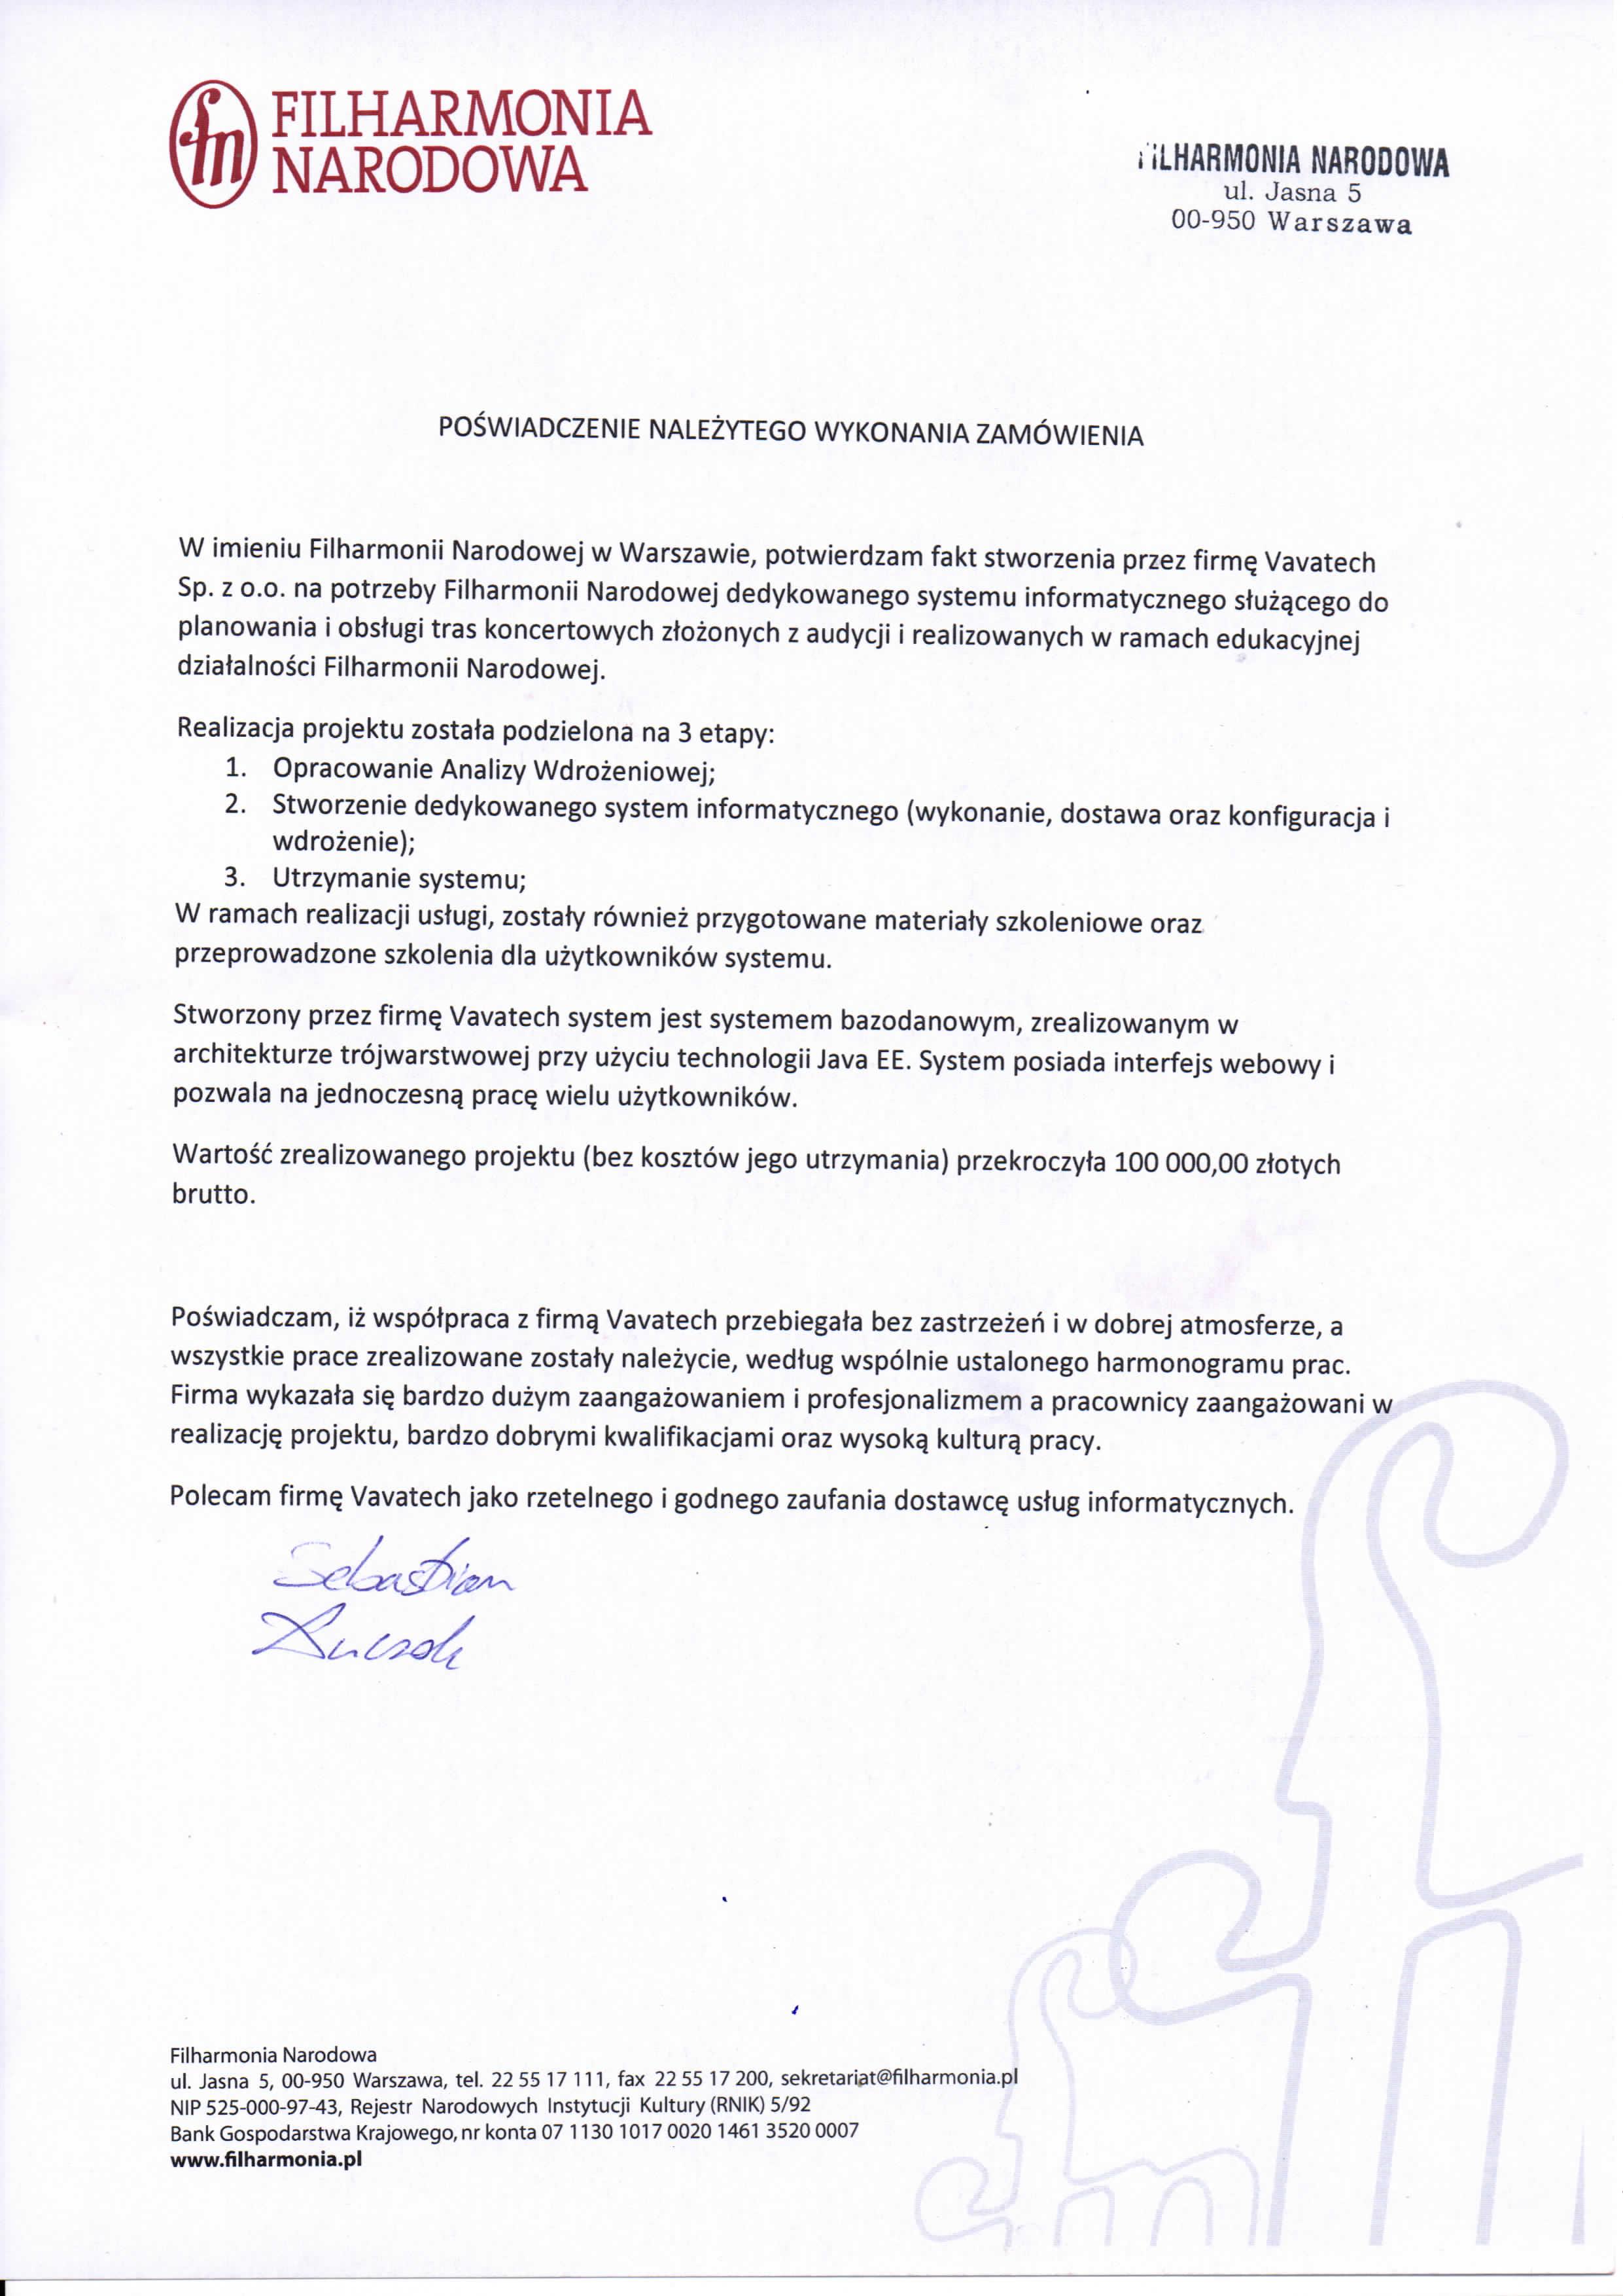 Filharmonia Narodowa: System obsługi tras koncertowych